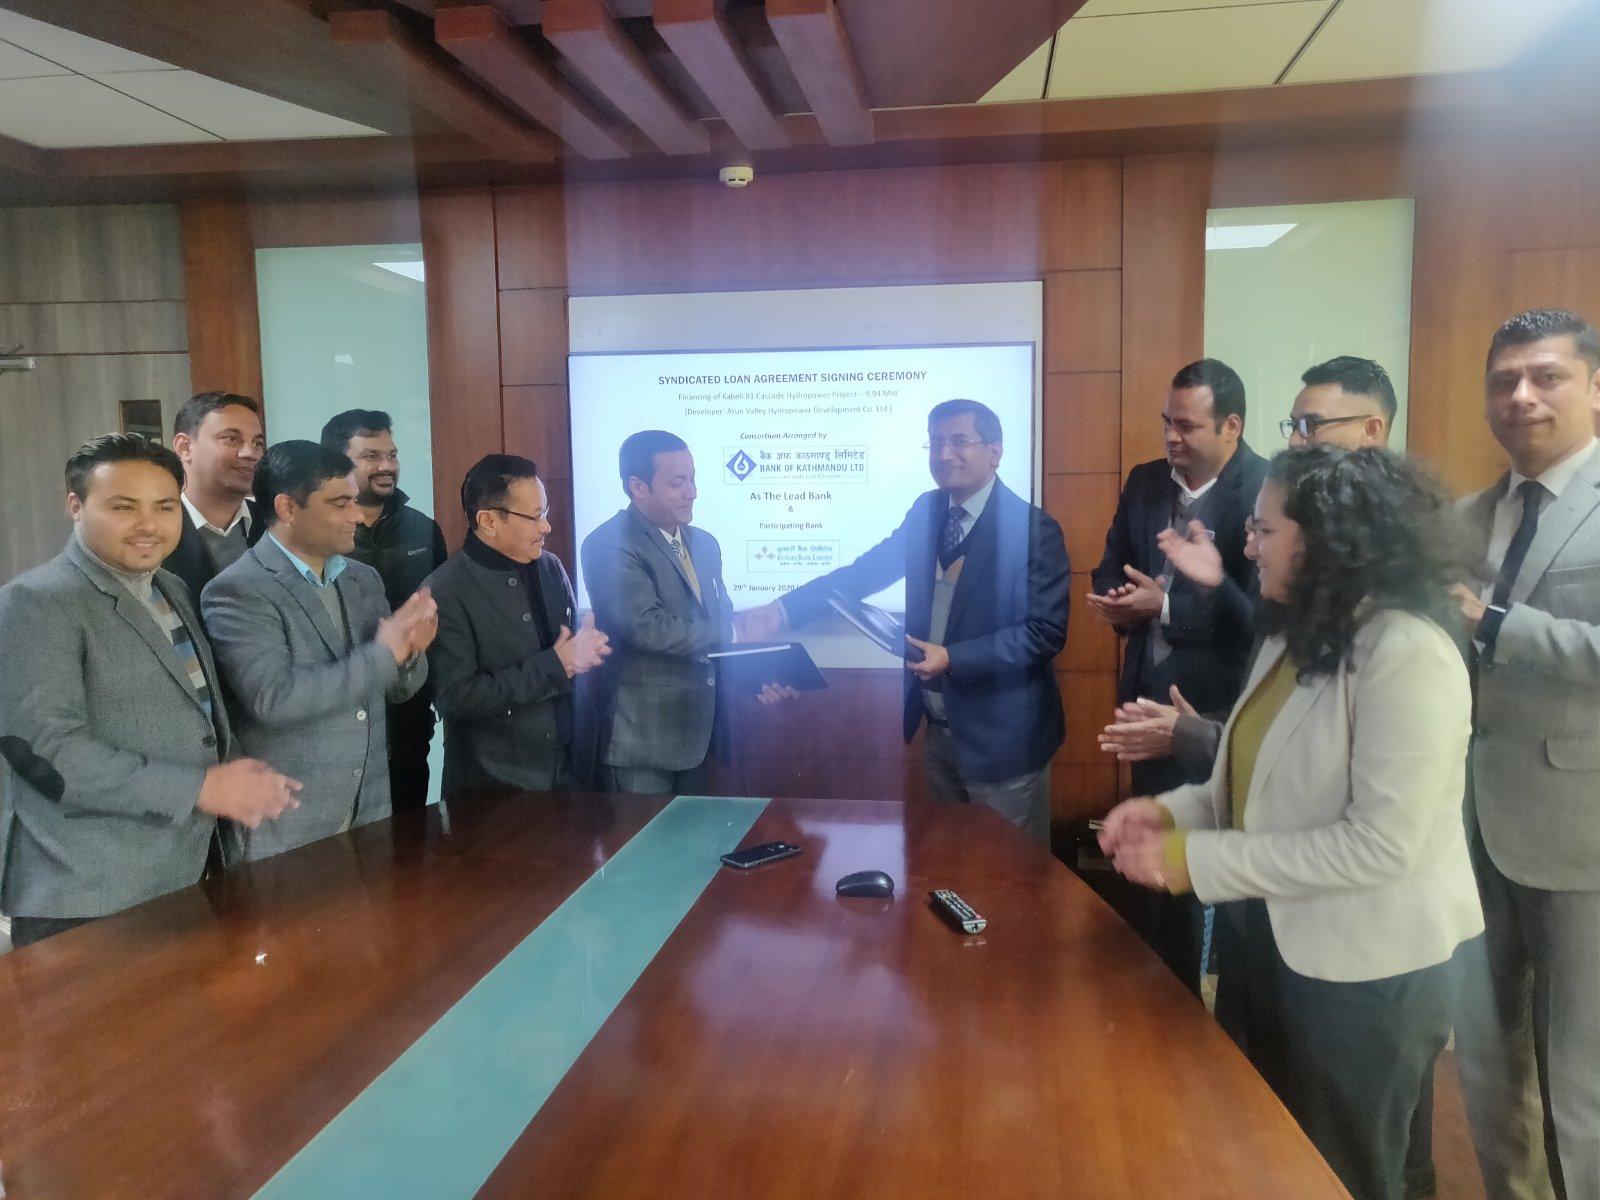 बैंक अफ काठमाण्डू र अरुण भ्याली जलविधुत बिकास कम्पनी बिच सम्झौता